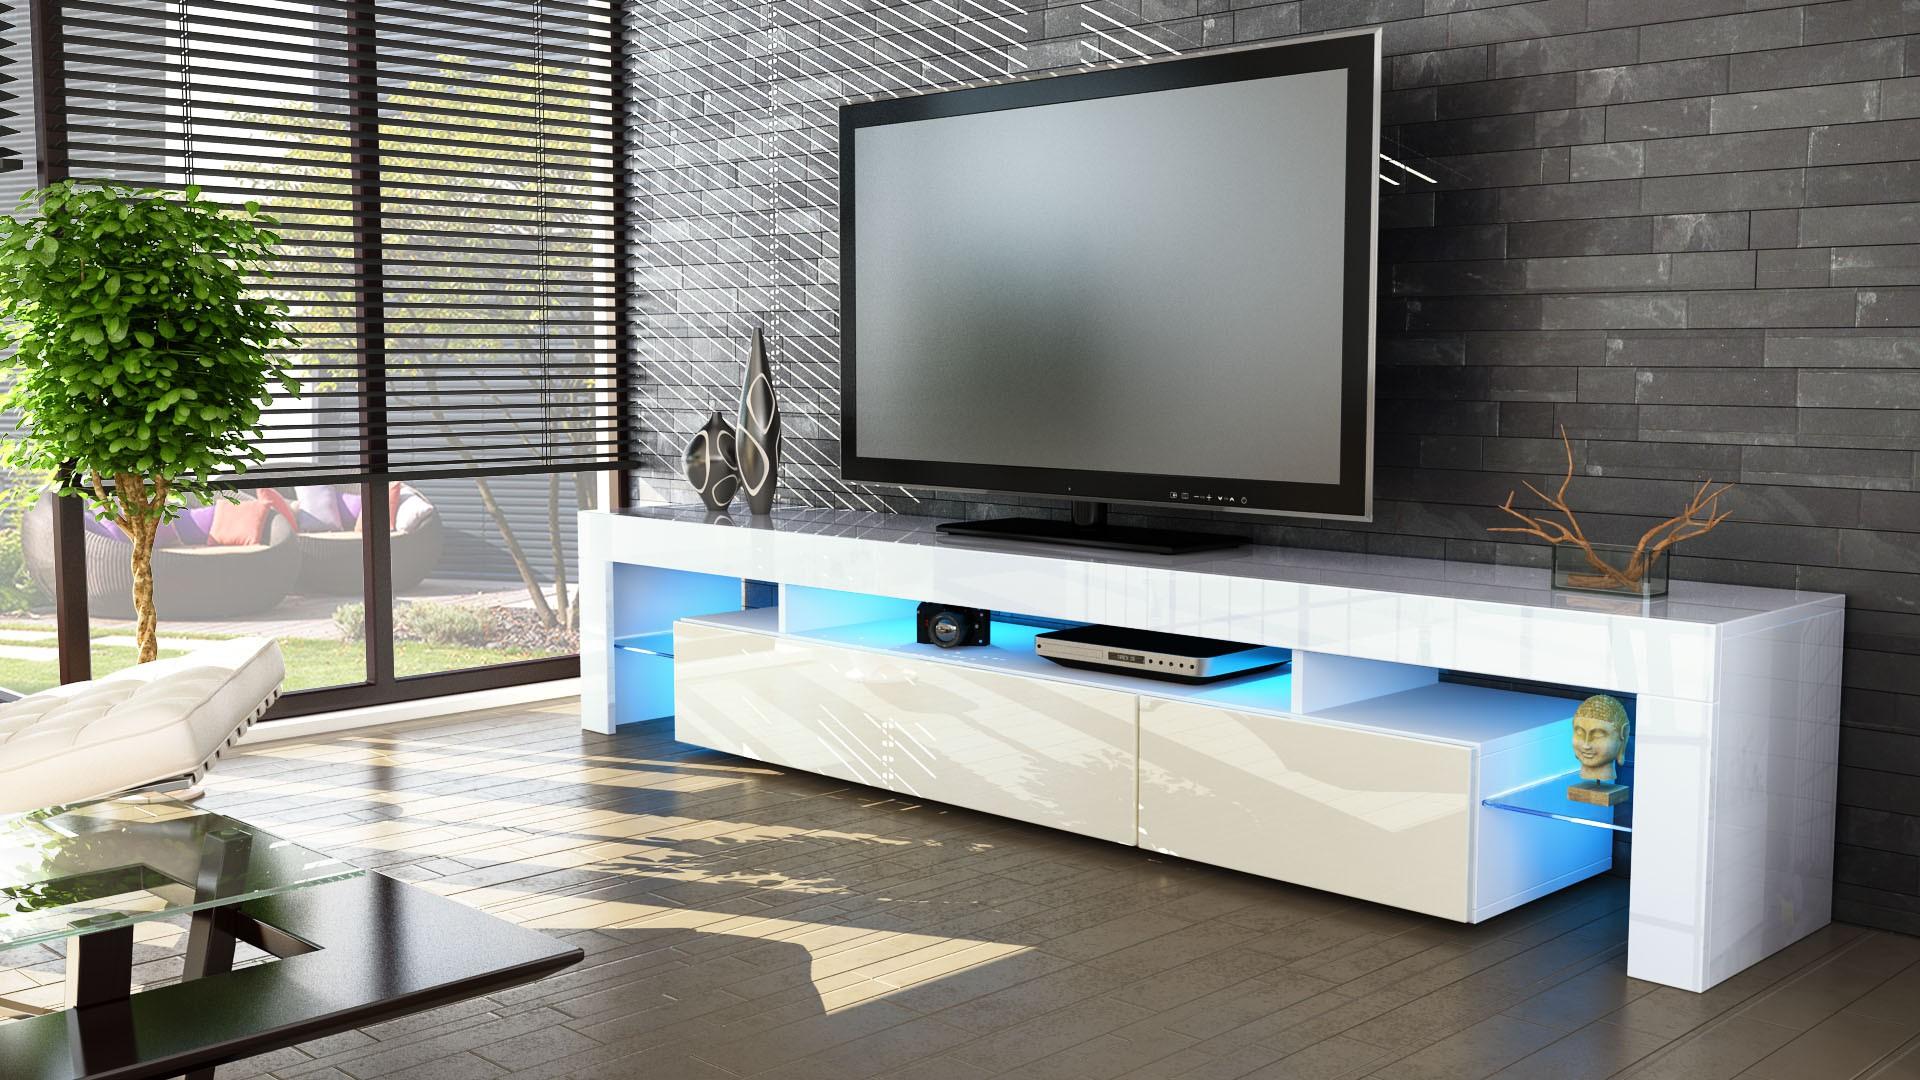 Meuble Tv Blanc Et Cr Me 189 Cm Avec Led Pour Meubles Tv Design A 4  # Table Basse Pour Televiseur